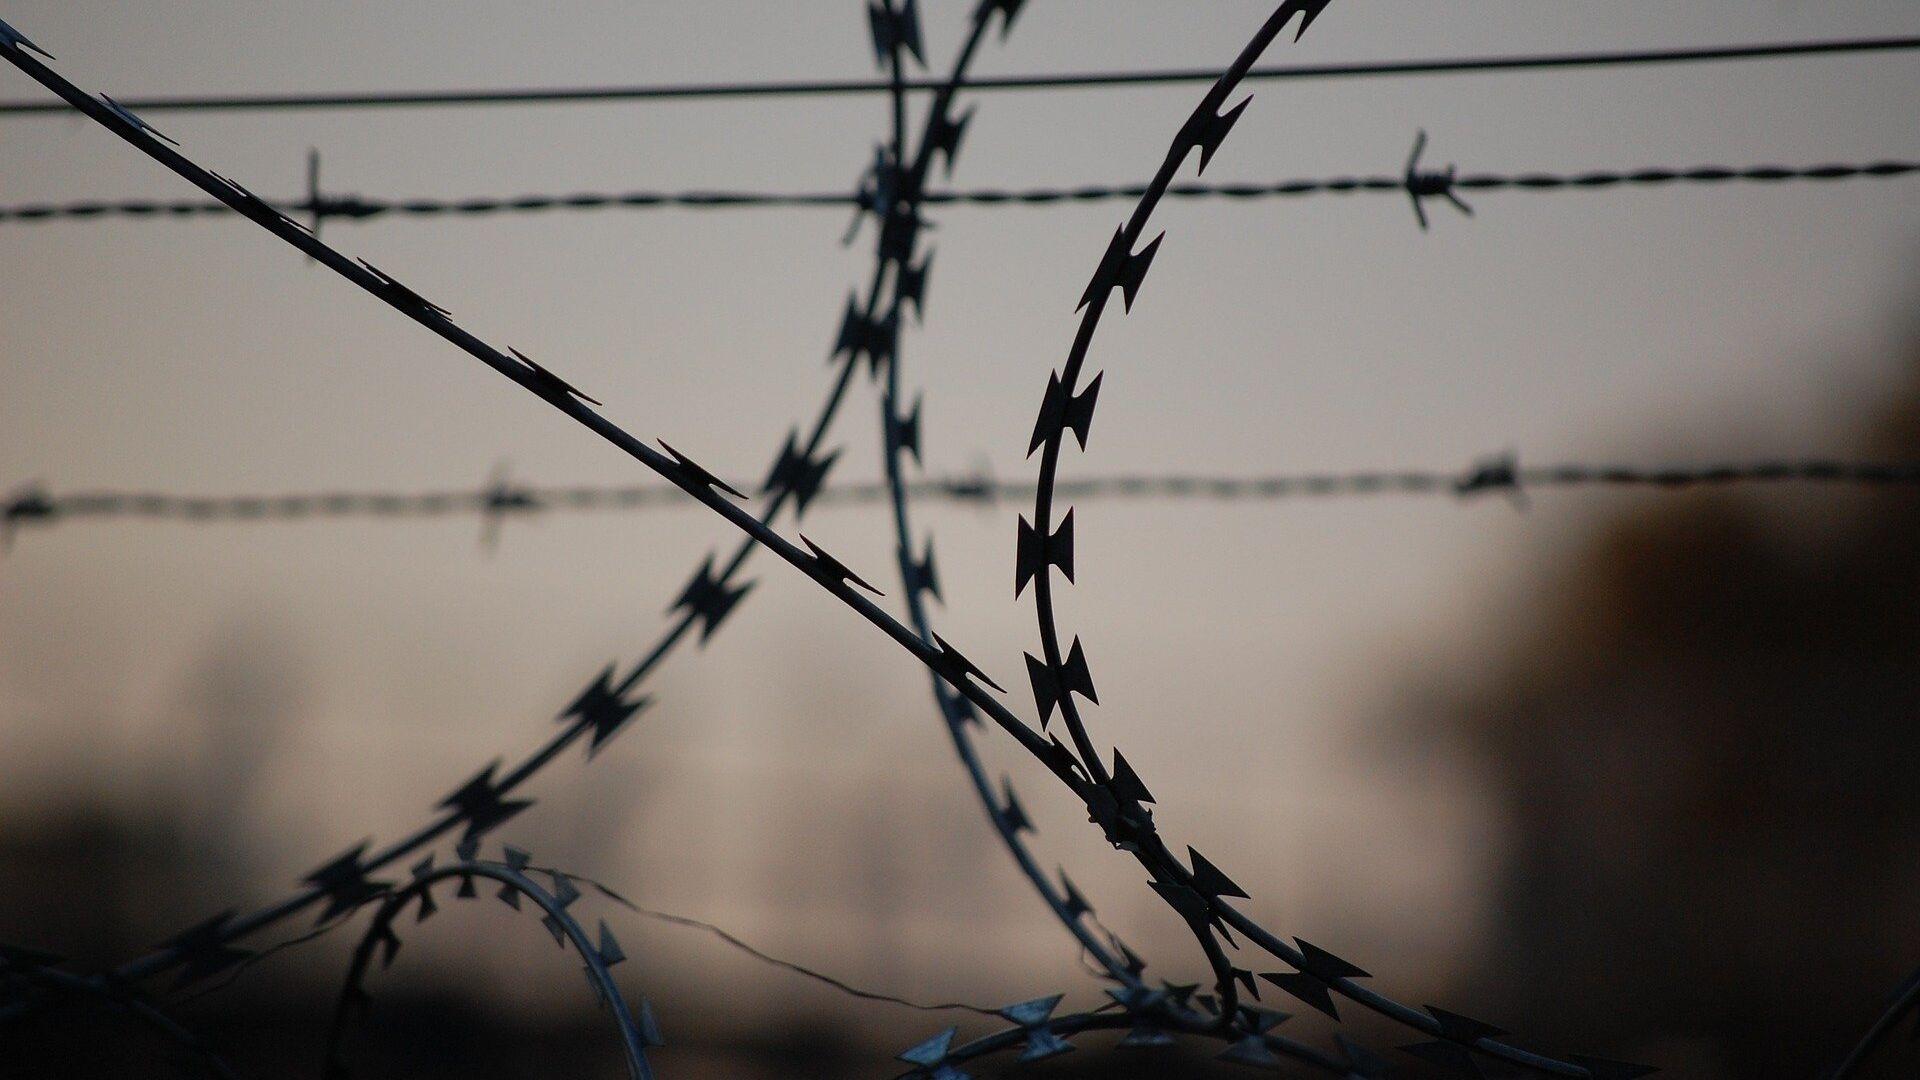 Una prisión (imagen referencial) - Sputnik Mundo, 1920, 05.10.2021